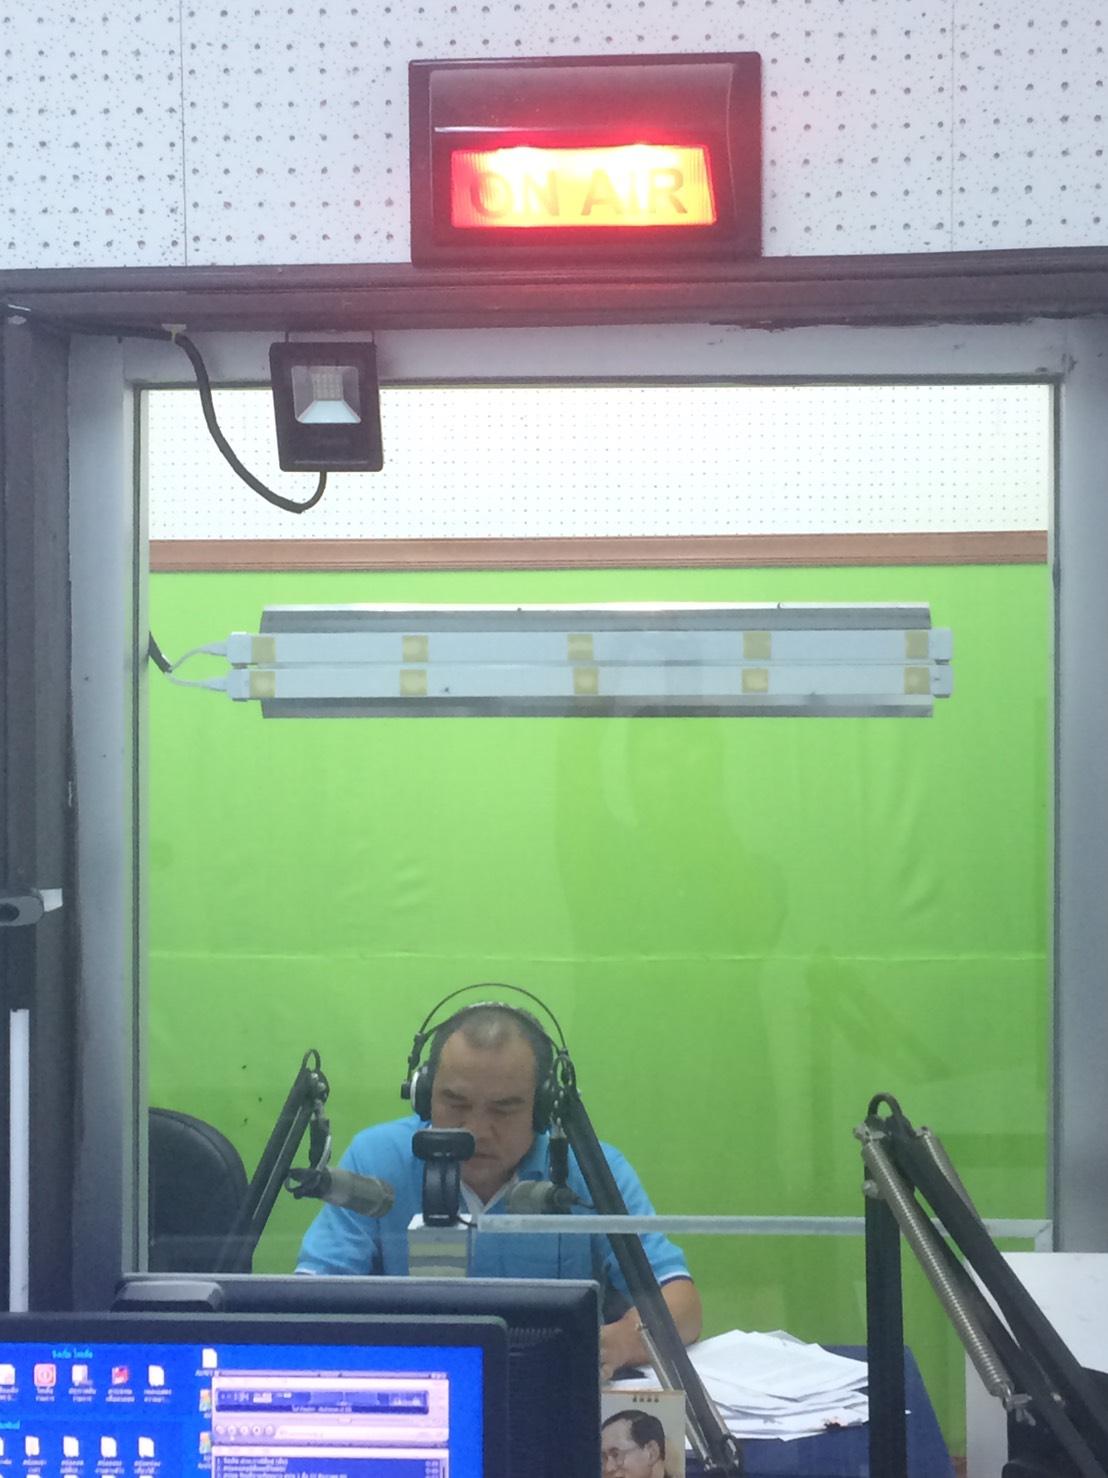 สถานีวิทยุ รายการแรงงานสัมพันธ์